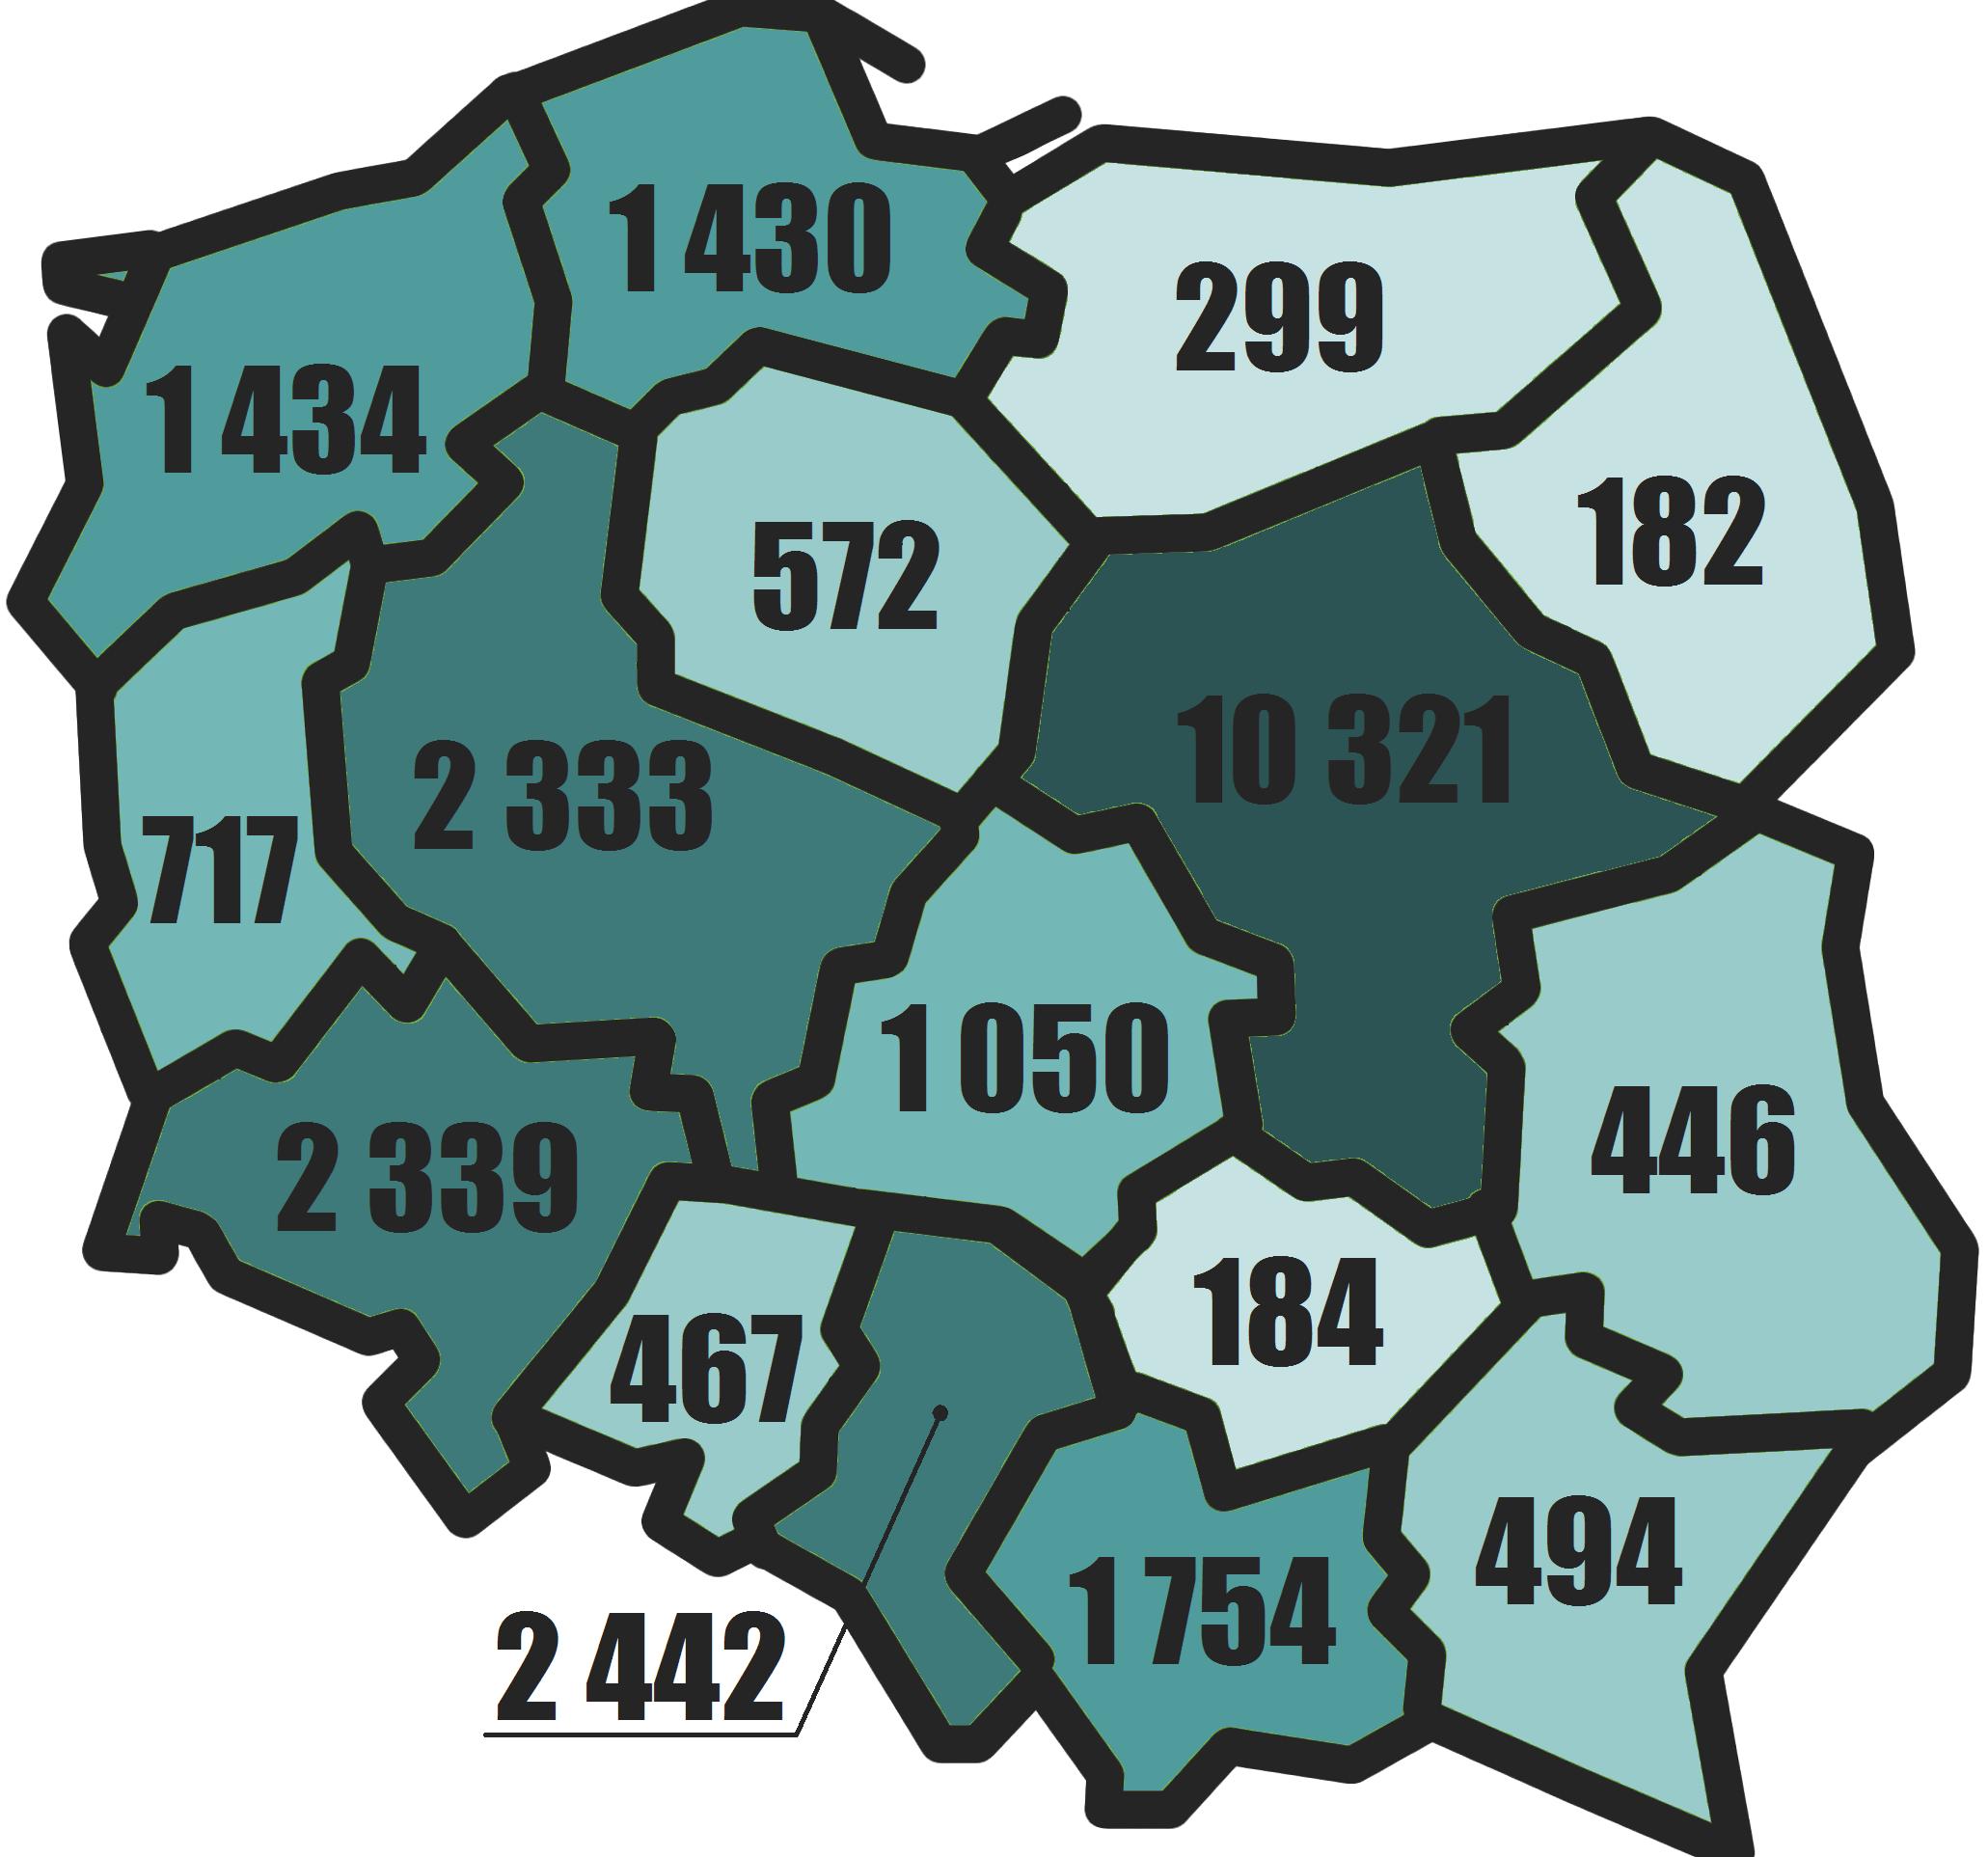 Liczba podmiotów z kapitałem zagranicznym w Polsce w 2014 w podziale na województwa